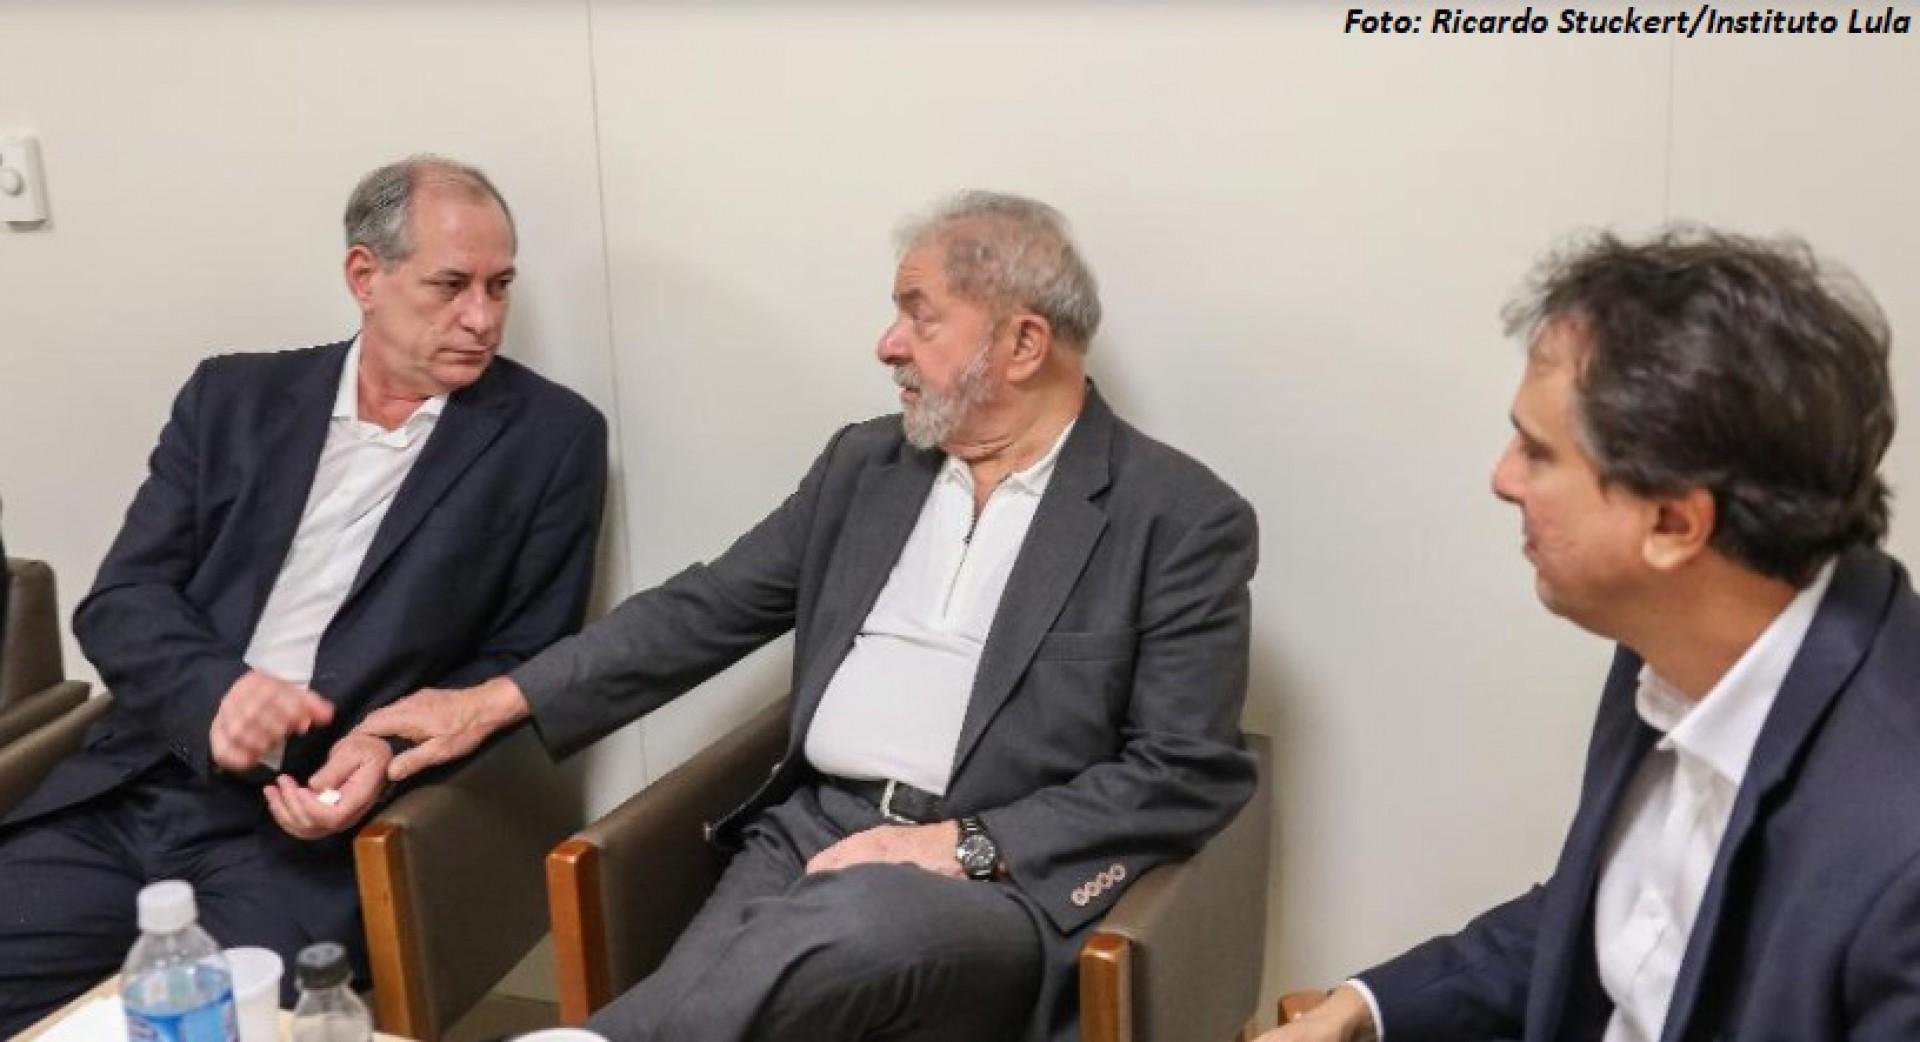 GOVERNADOR mediou encontro entre Ciro e Lula ano passado (Foto: Ricardo Stuckert/Instituto Lula)